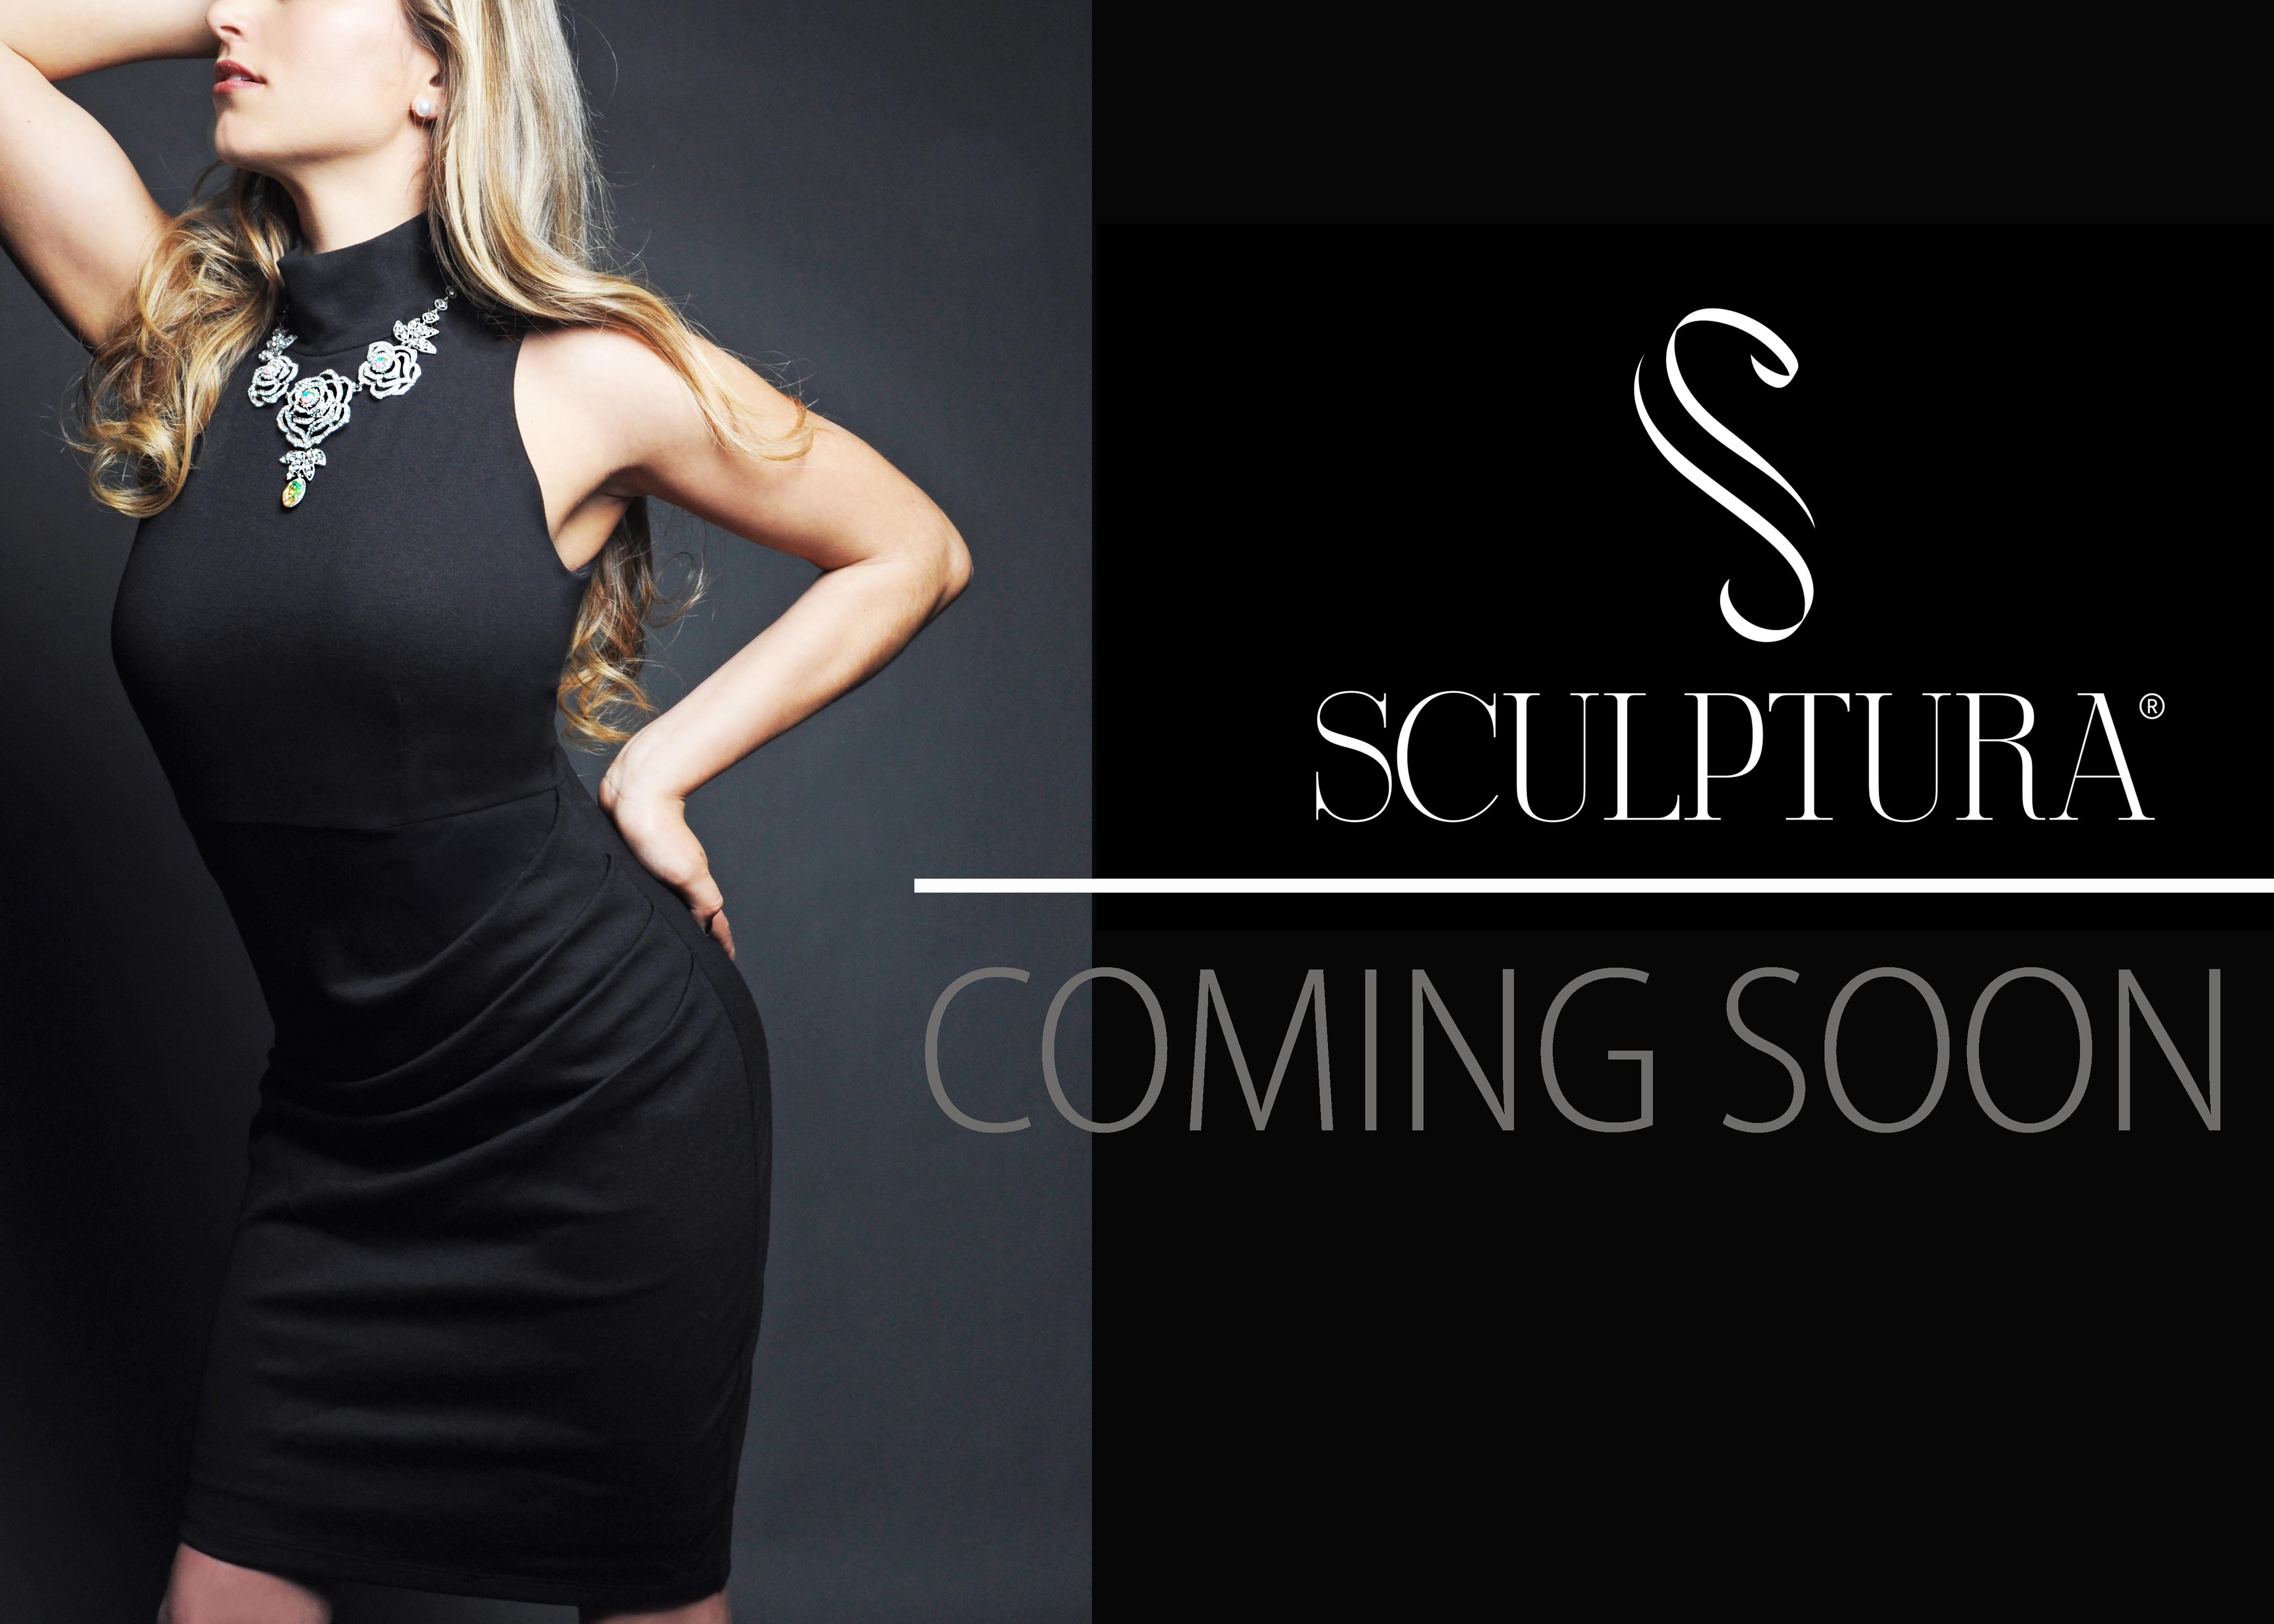 Sculptura Coming Soon